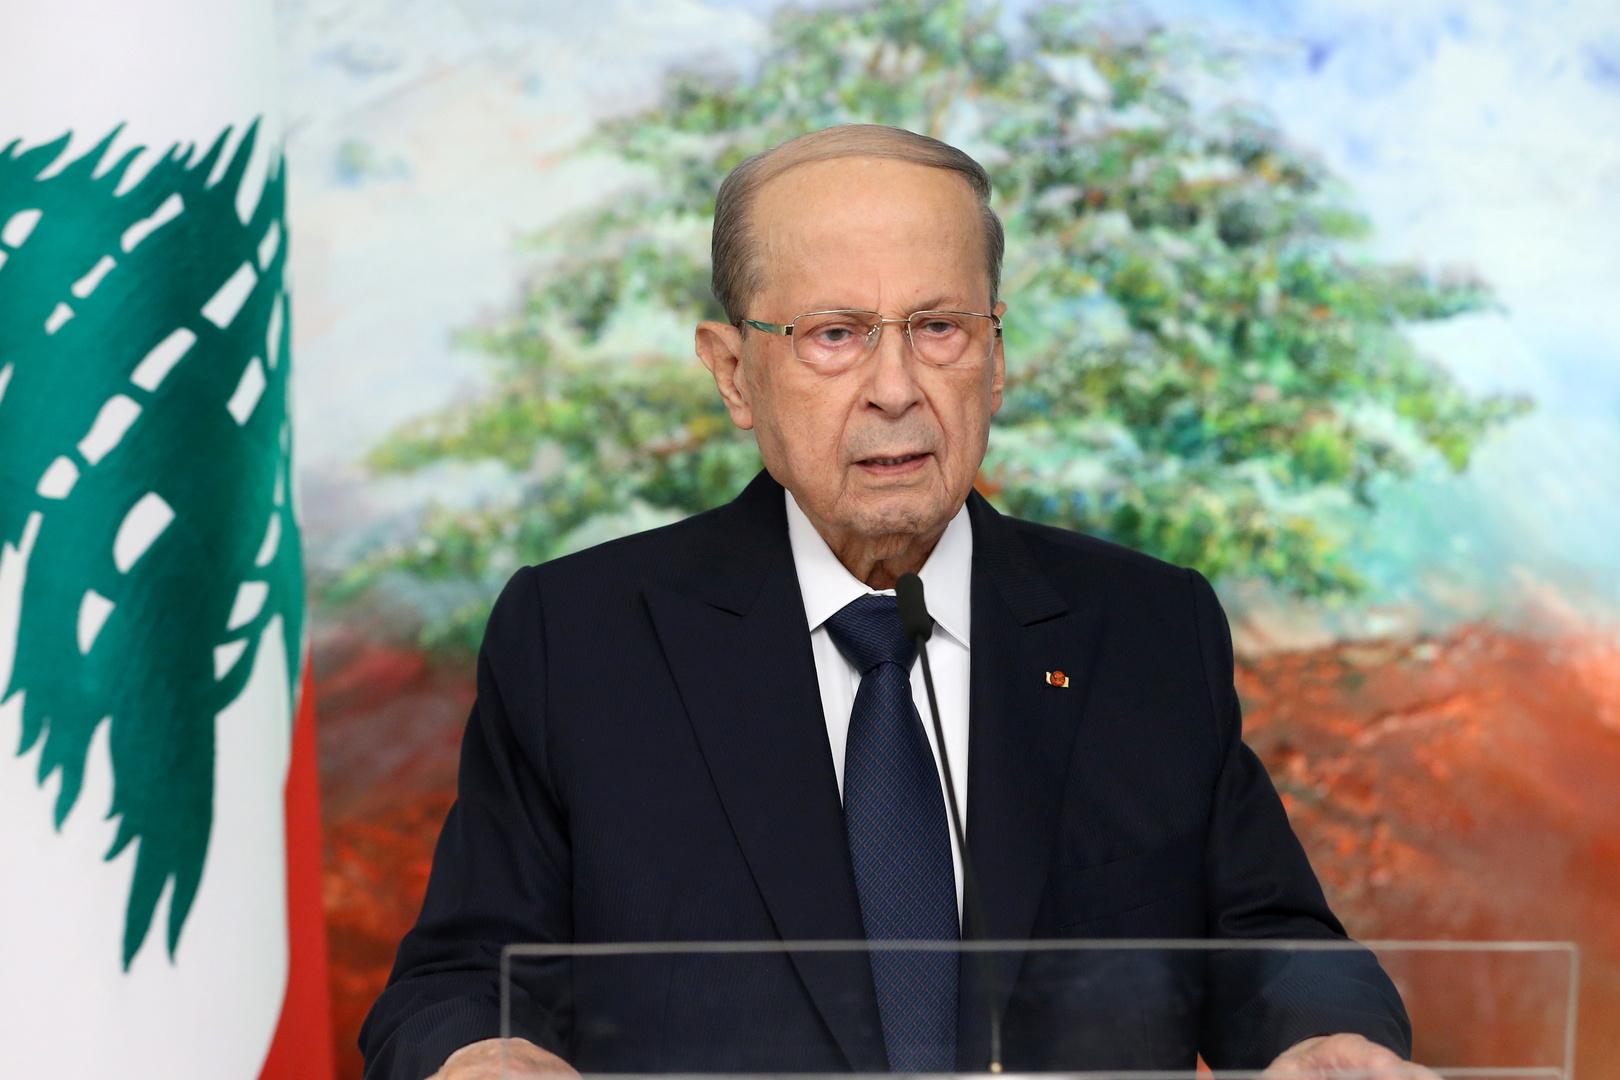 الرئيس اللبناني يأمل أن تساهم الأمم المتحدة في تحقيق السلام بين الشعوب